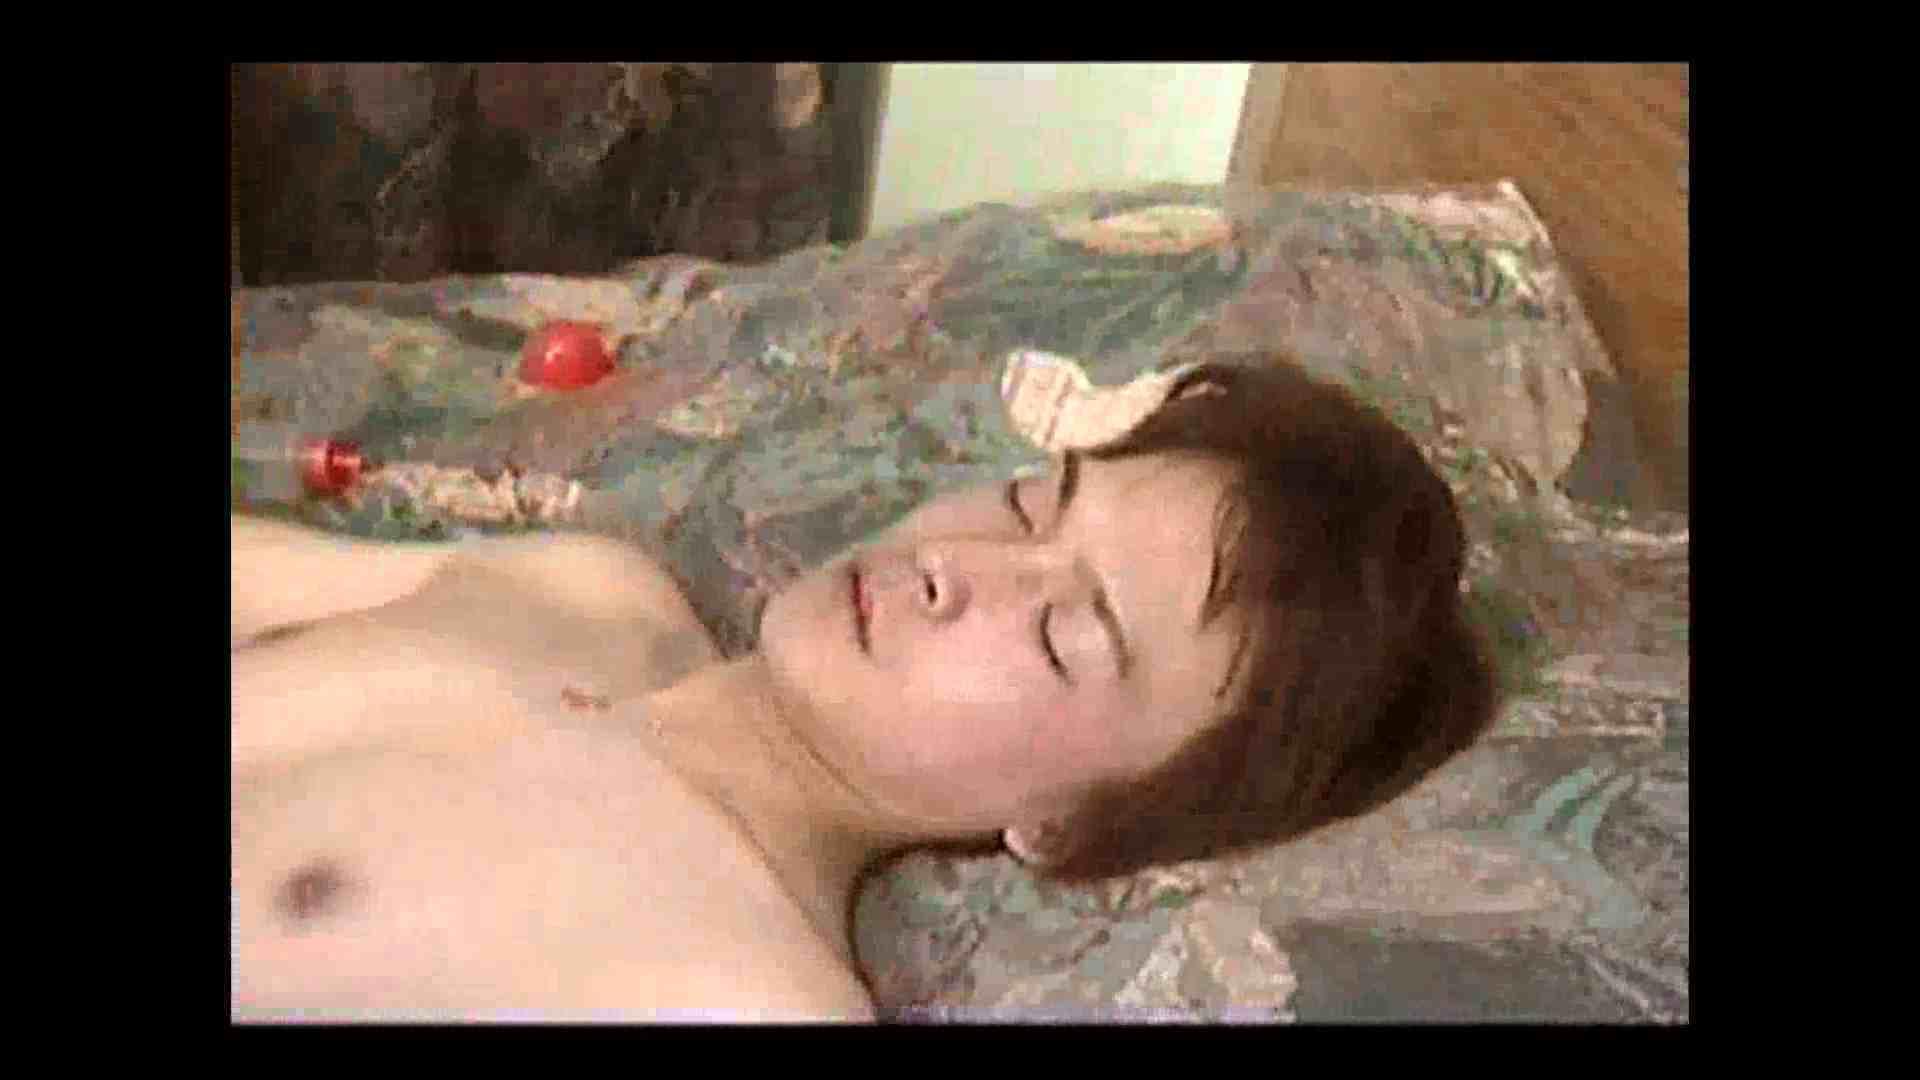 ゲイザーメン動画|集団隠密卑猥卒業旅行ですかッ!!VOL.01|スリム美少年系ジャニ系